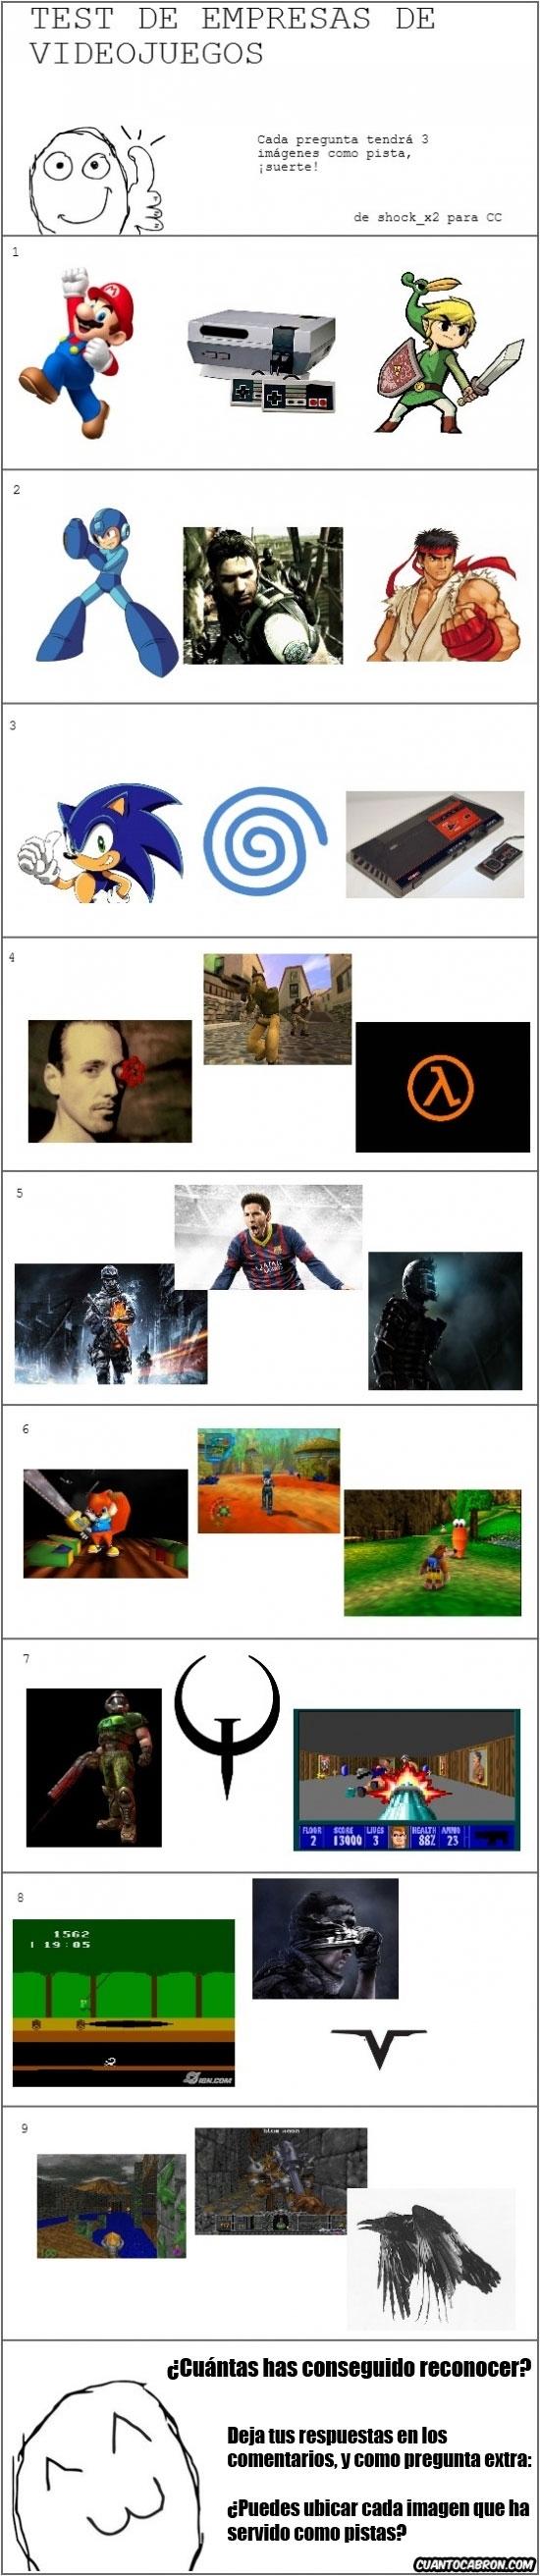 Mix - Test de compañías de videojuegos, ¿eres capaz de reconocerlas todas?